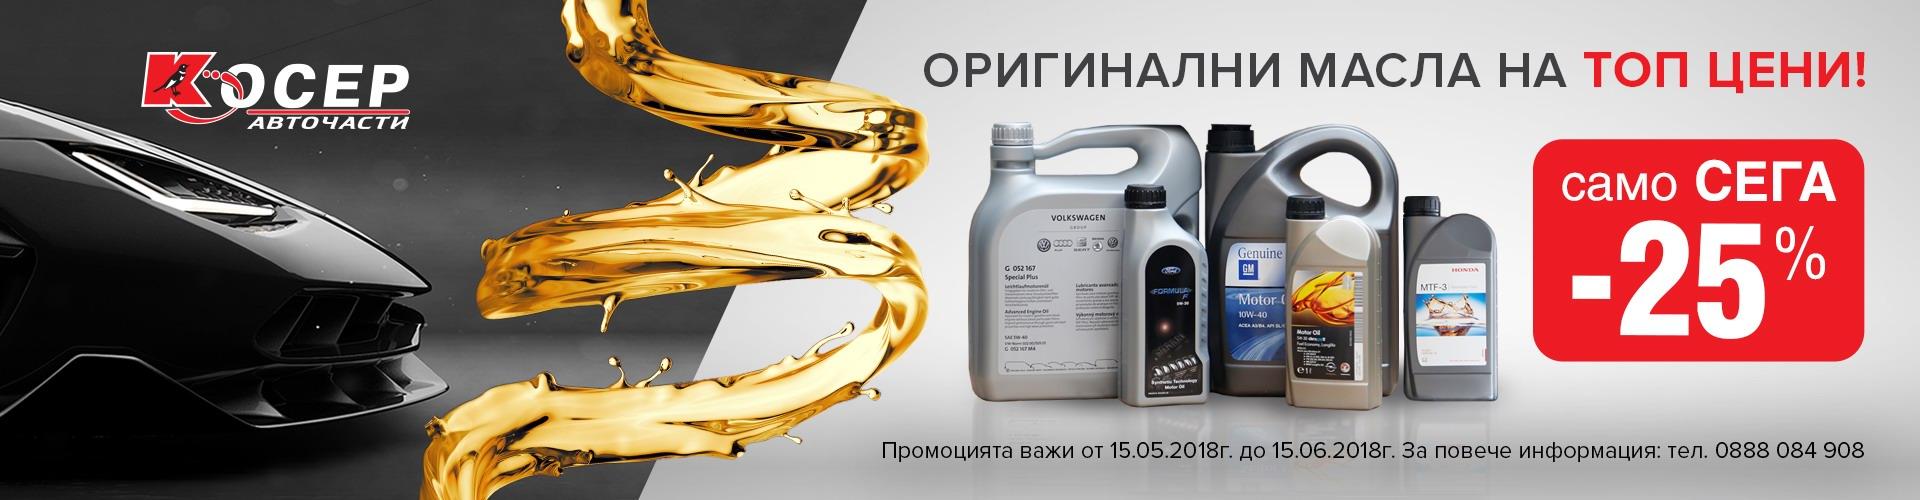 promocia_kosser_oe_oils_banner.jpg